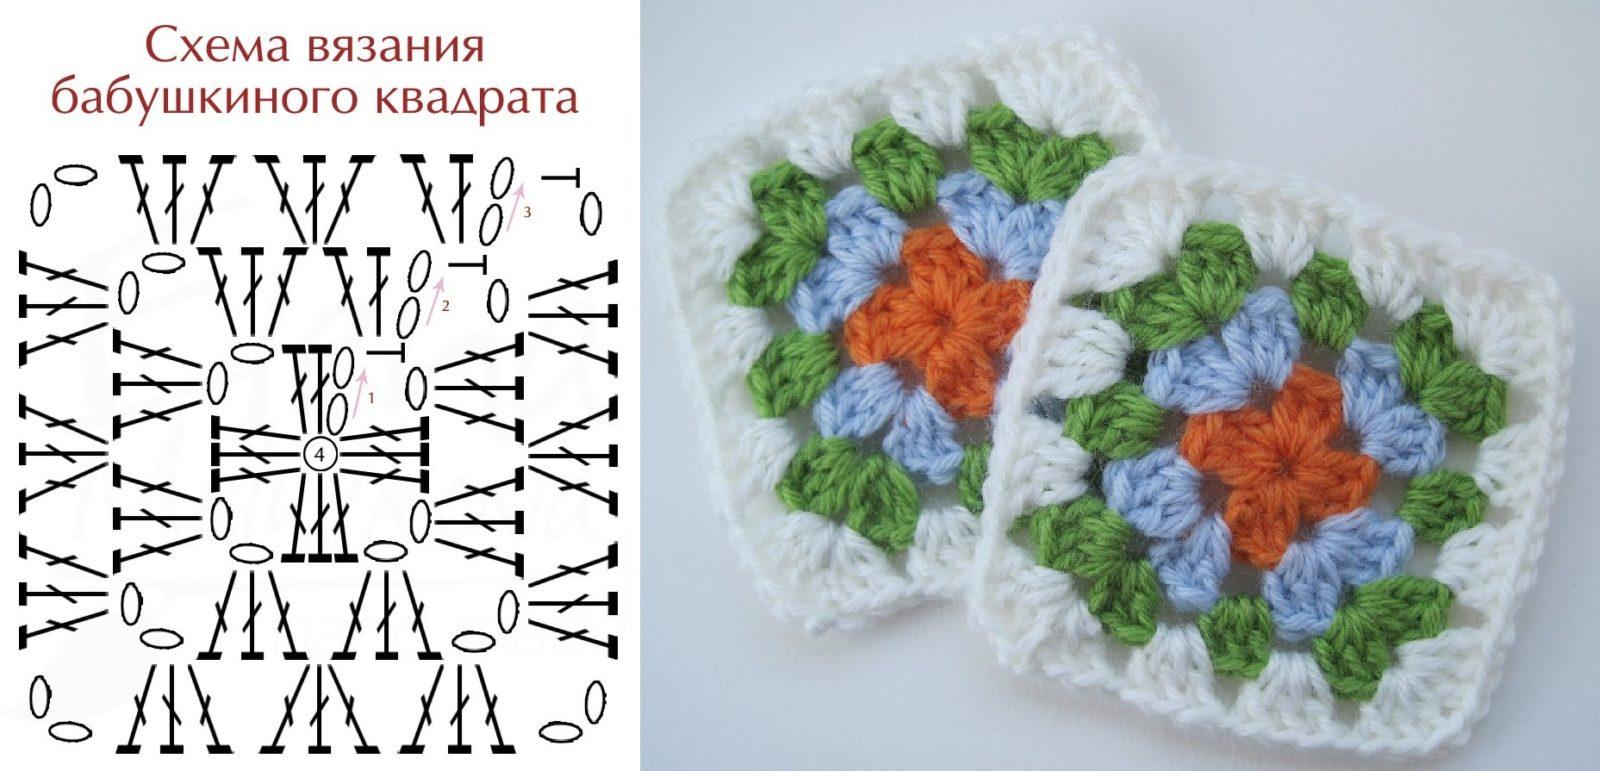 Схема вязания бабушкин квадрат